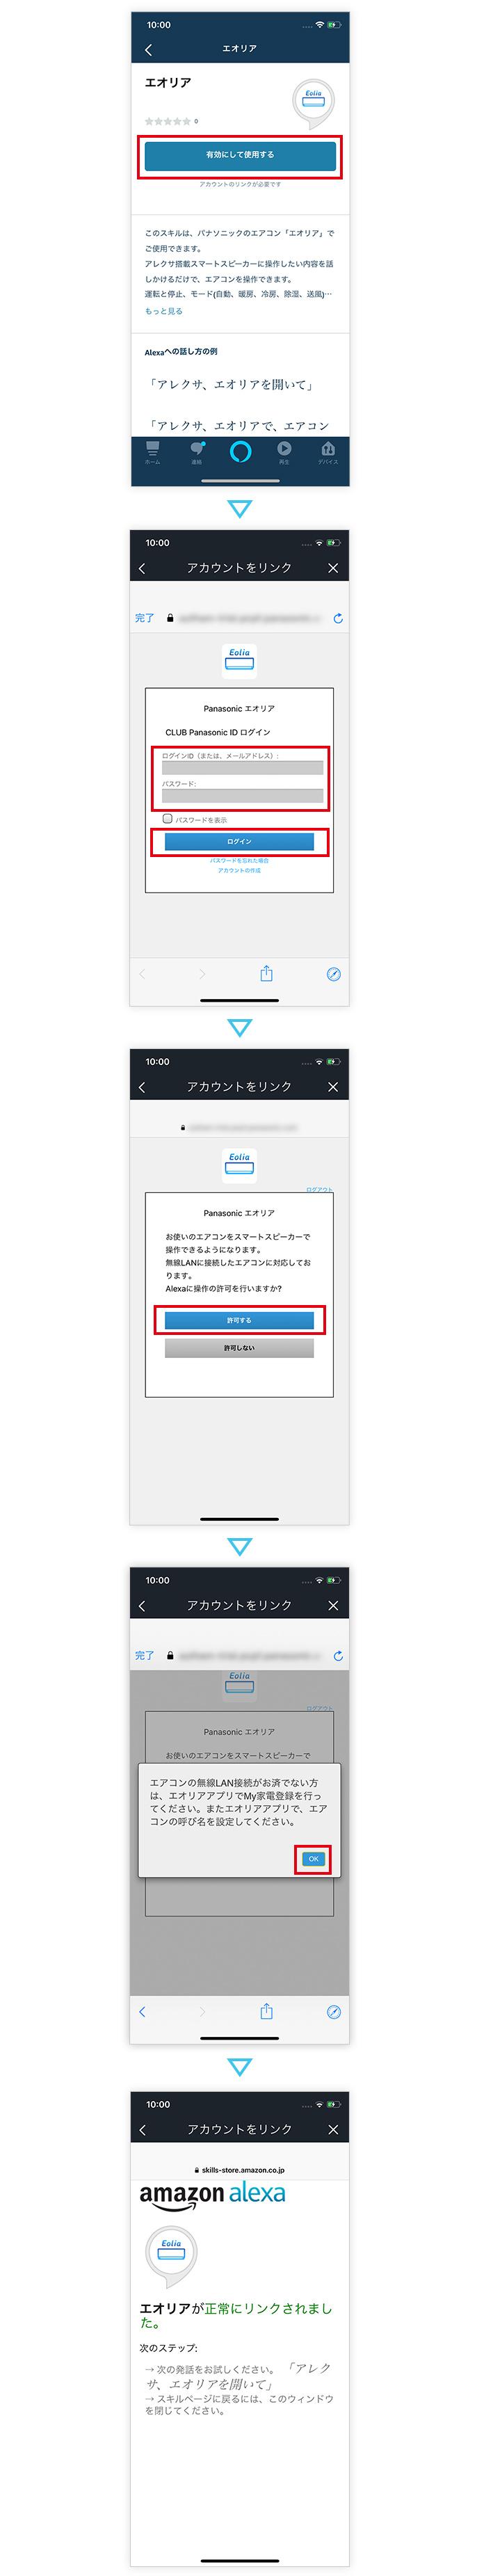 ます し 確認 を し ください お客様 アクセス アカウント 外部 検出 が ご 使用 amazon を て 必ず